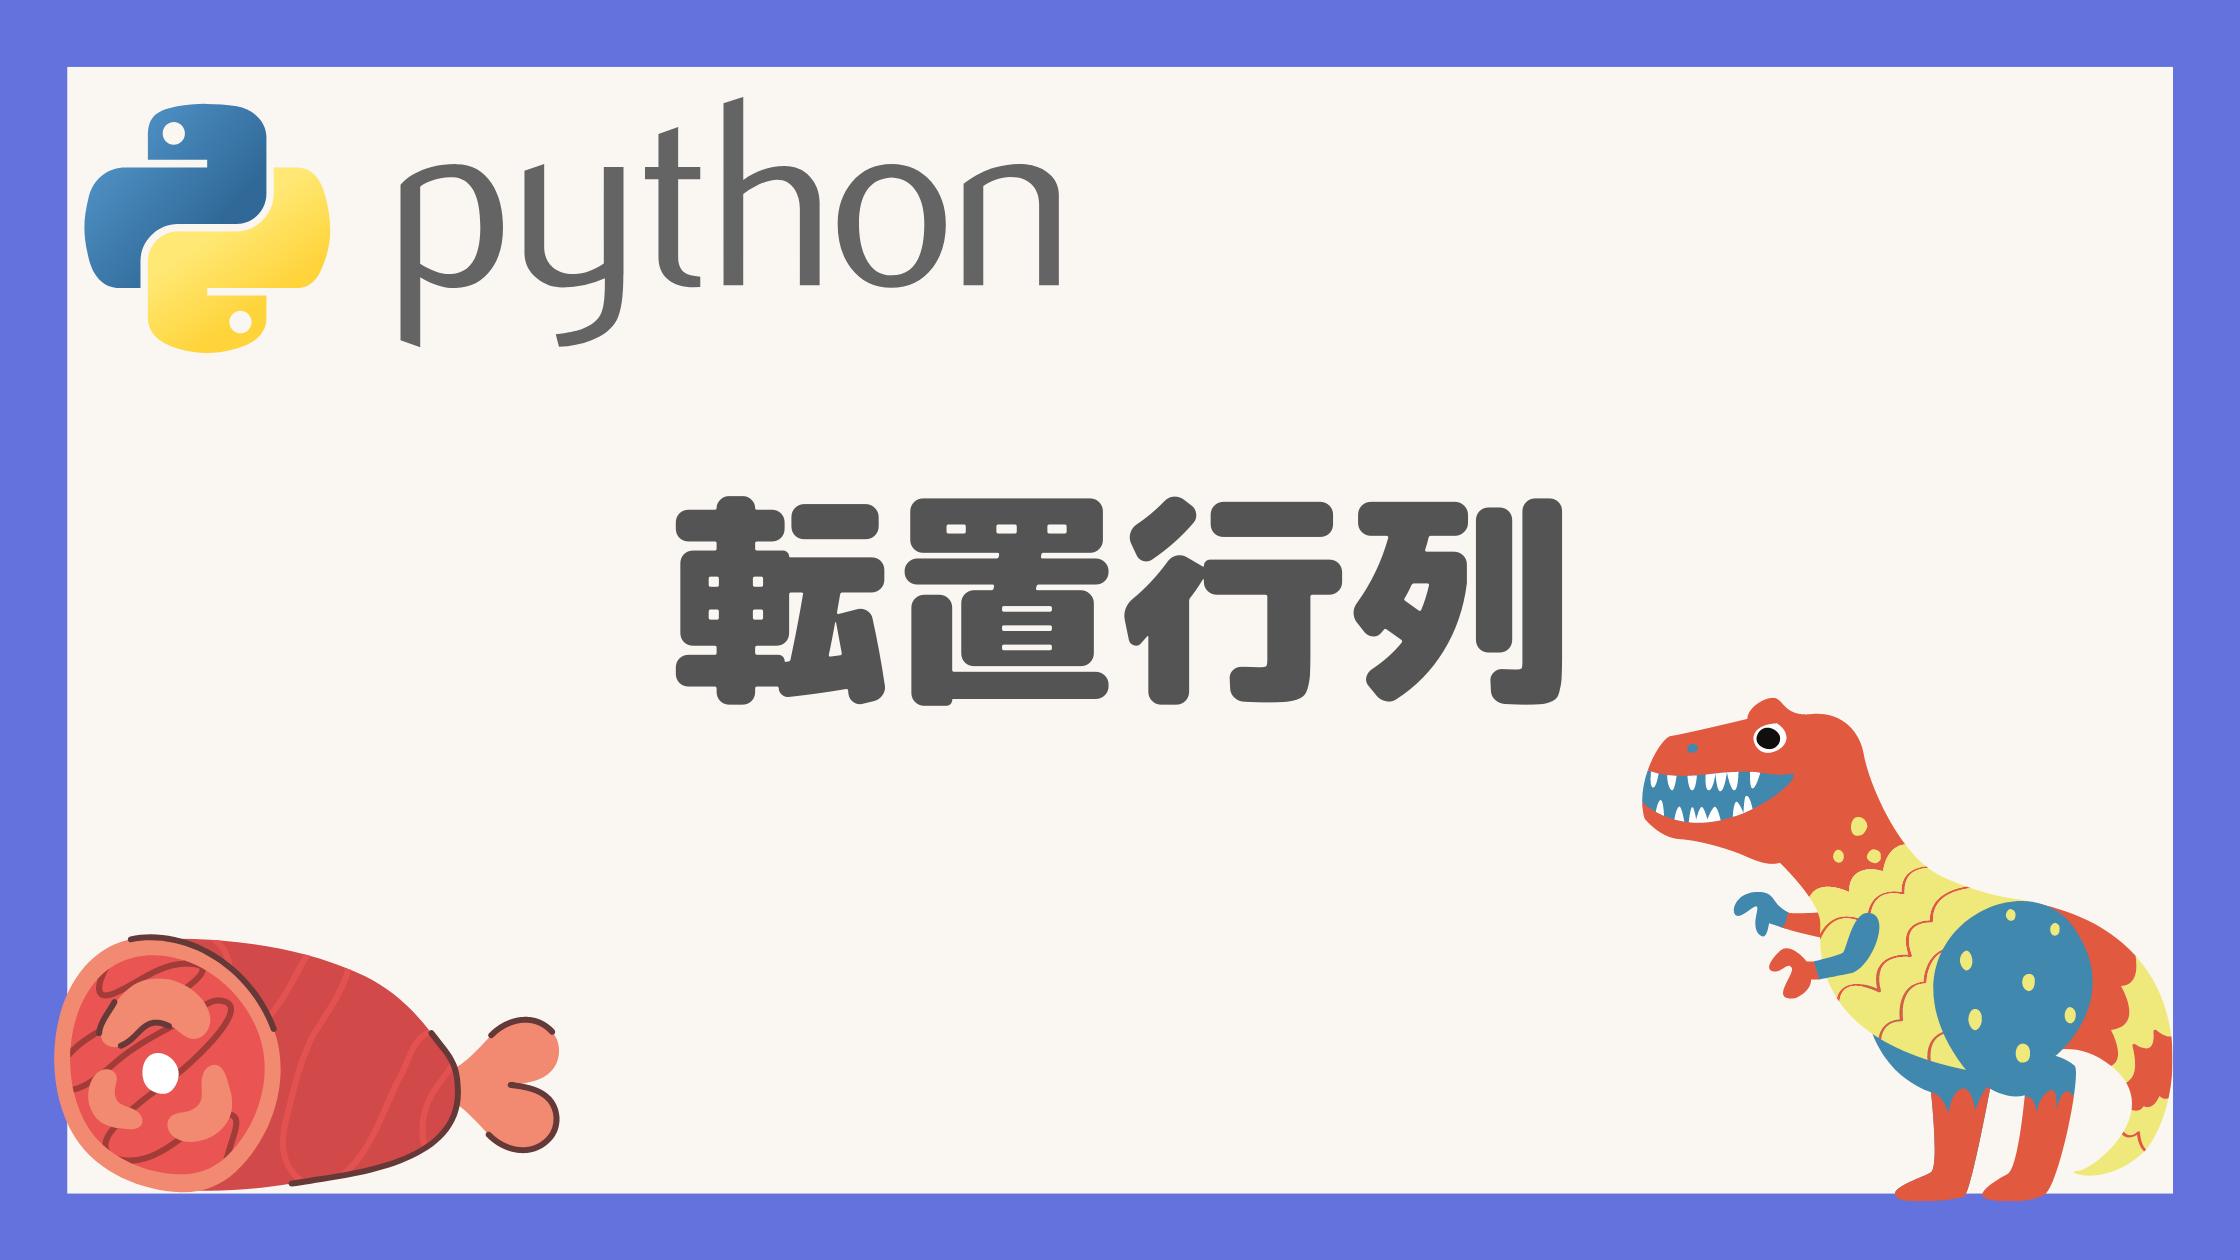 pythonでの転置の記事のアイキャッチ